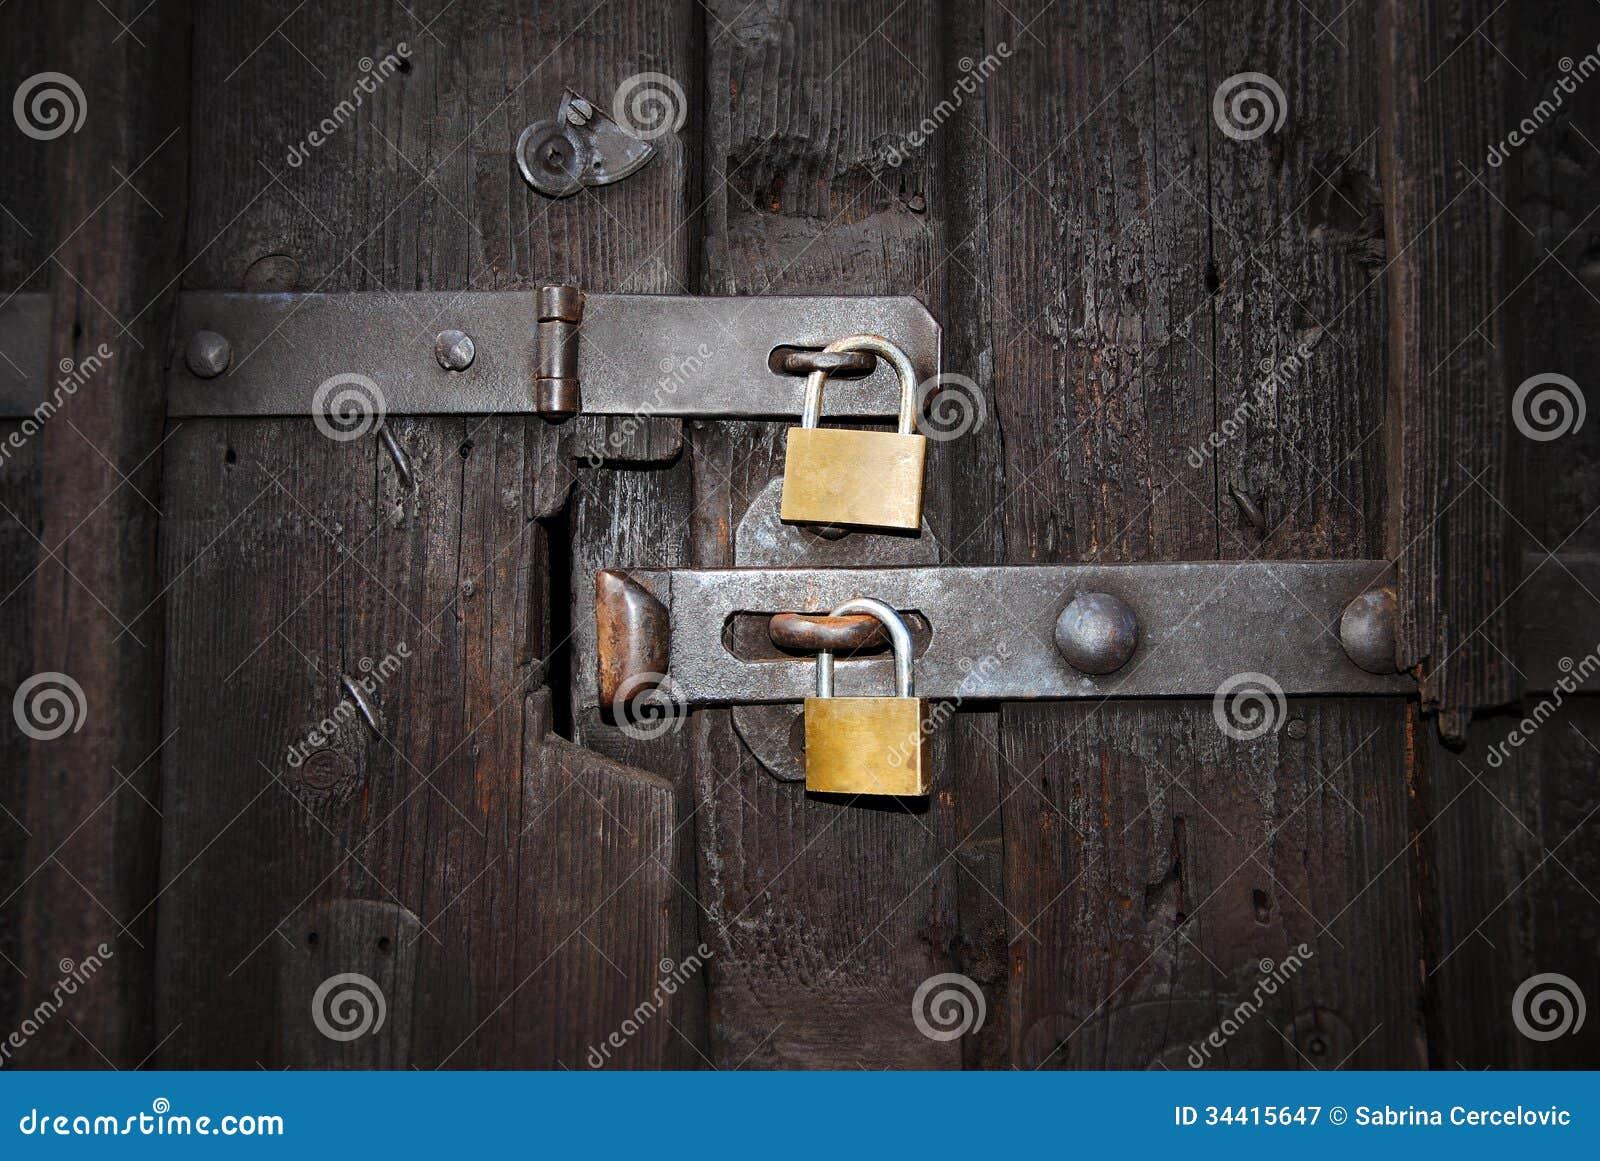 Fechamentos de segurança